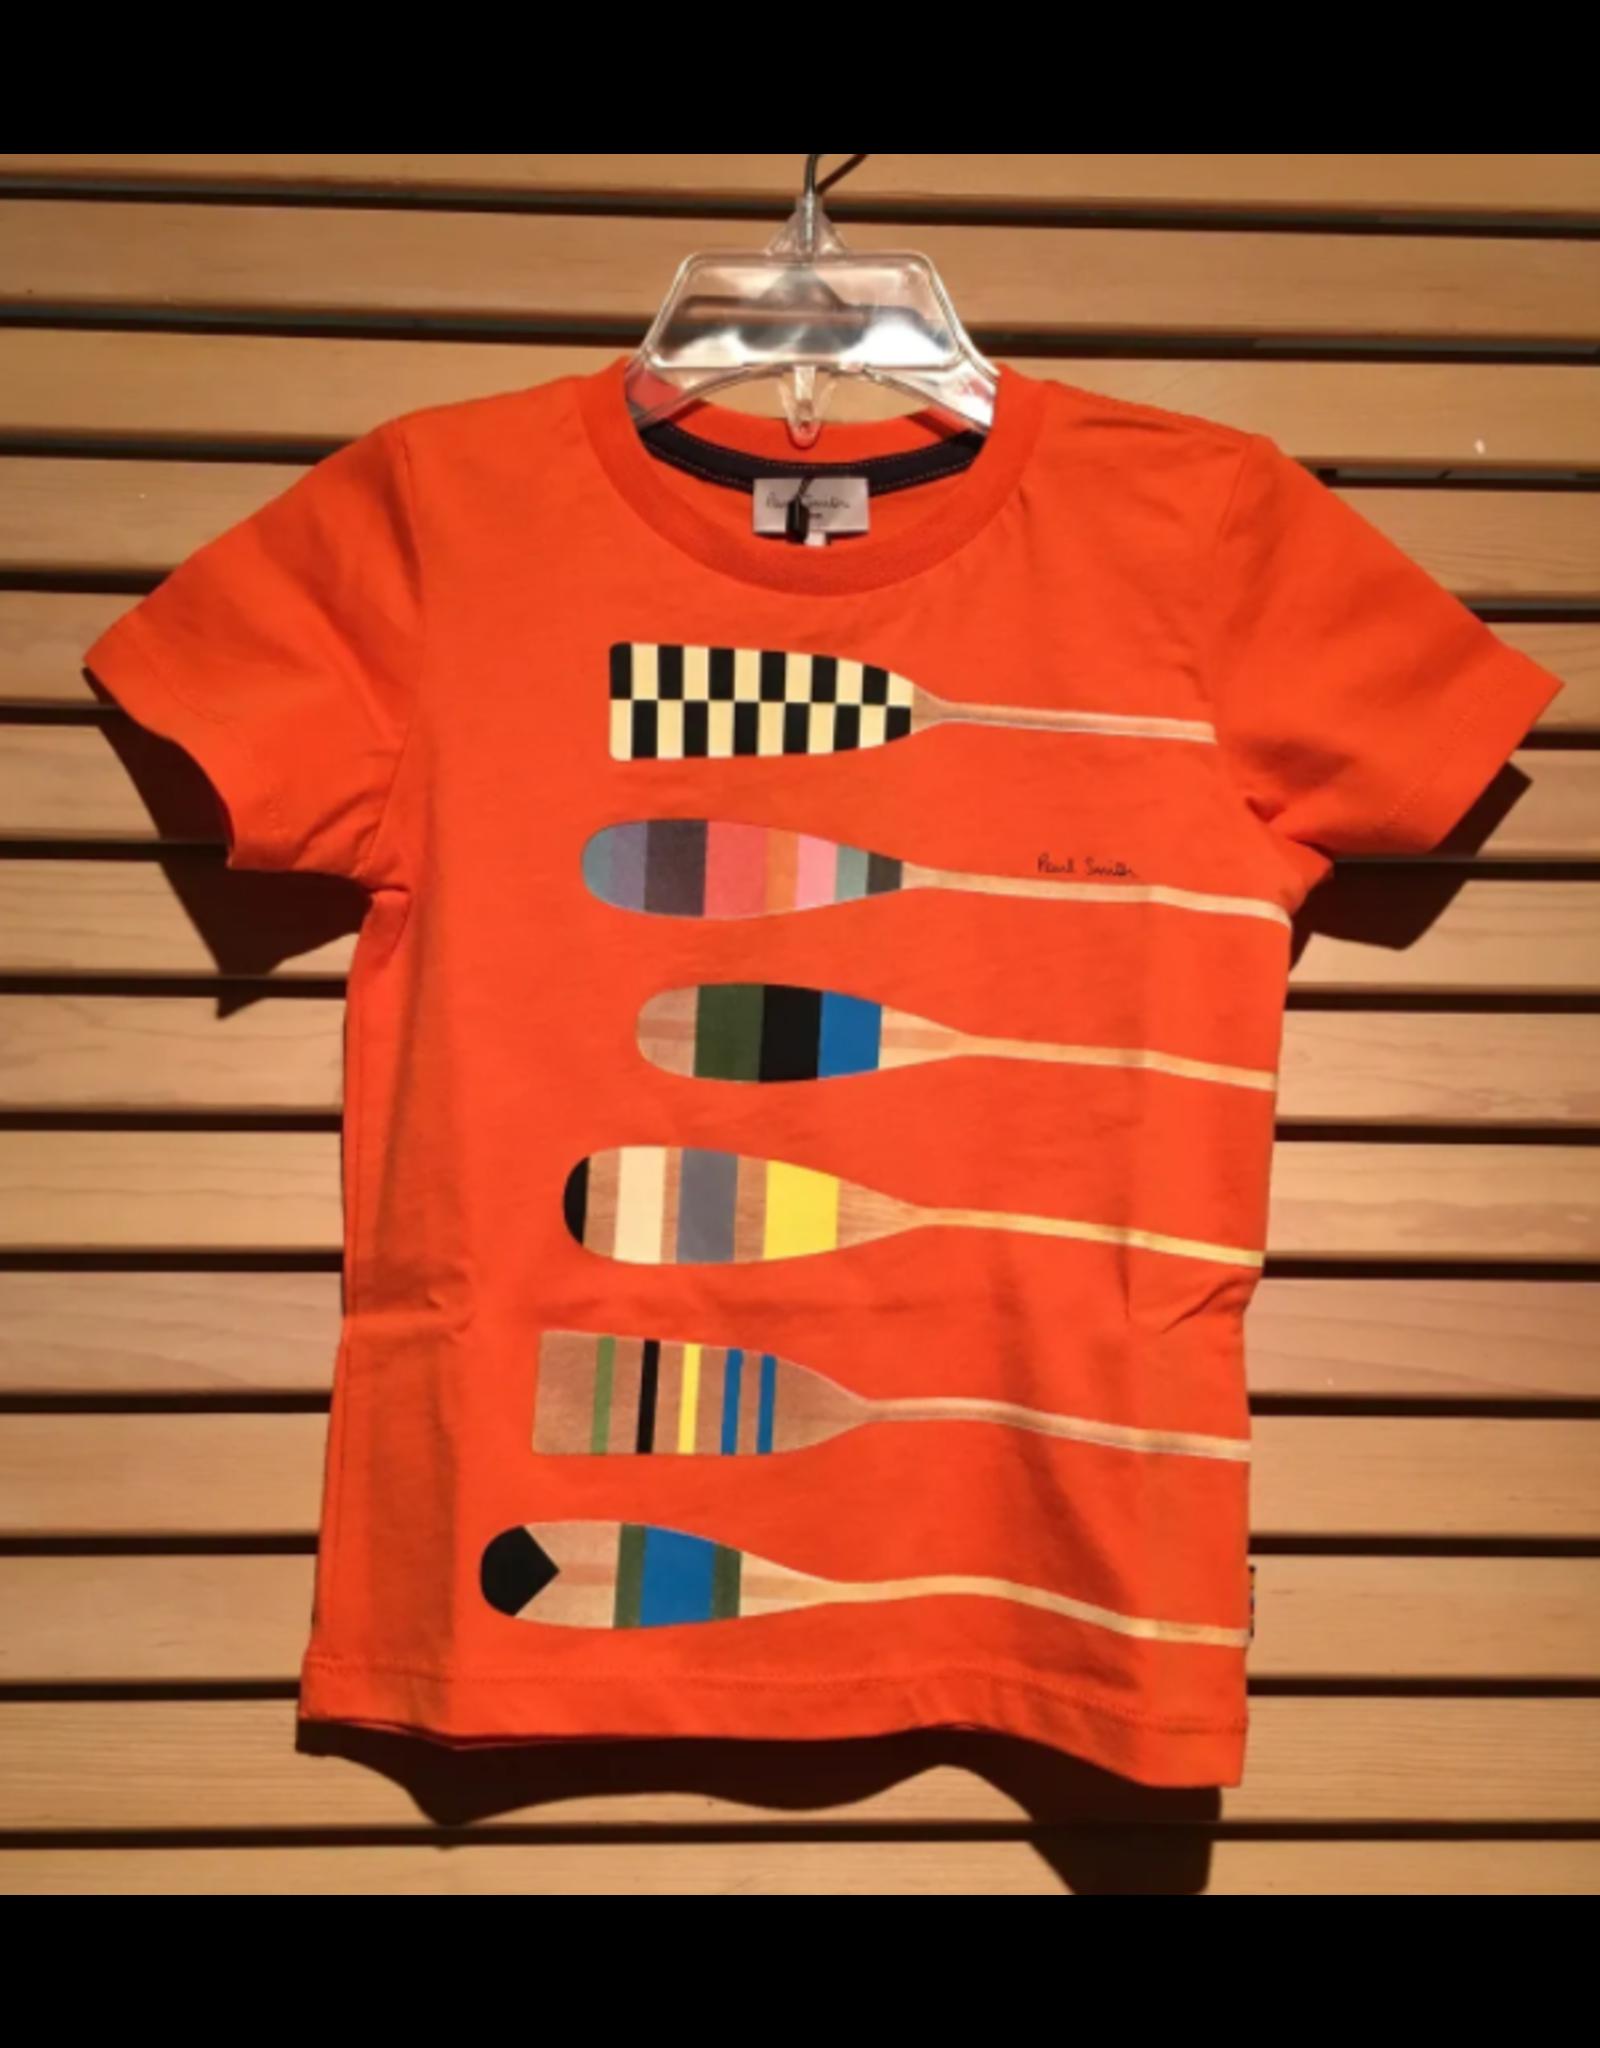 Paul Smith Orange Paddle Shirt